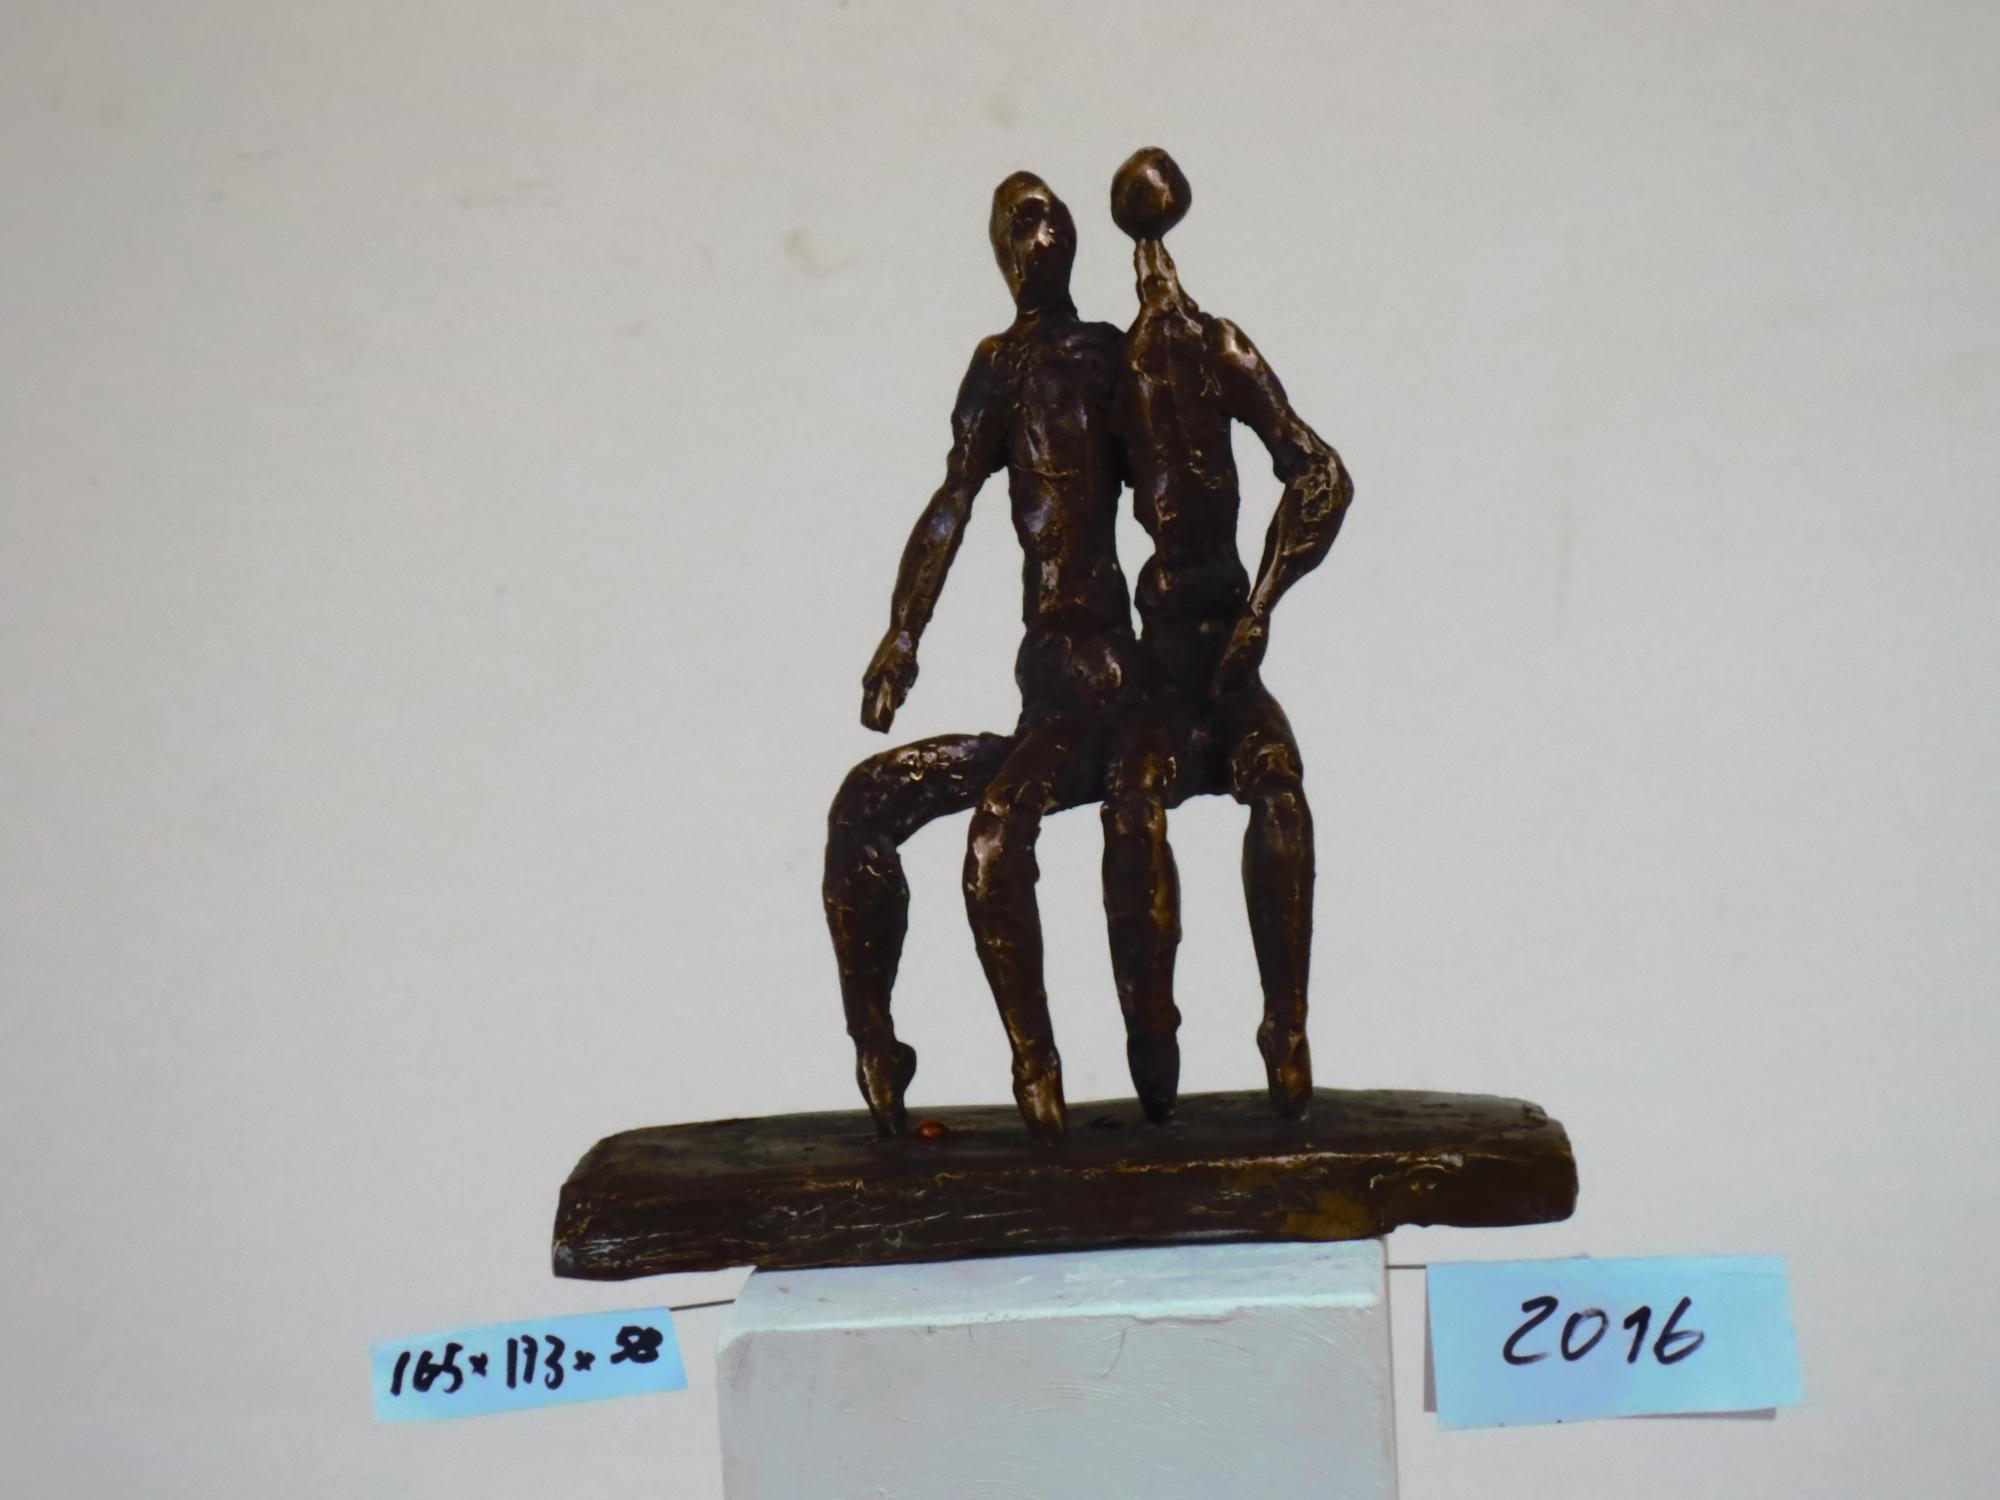 Seidel Alfred 2016 Paar sitzend auf länglichem Sockel